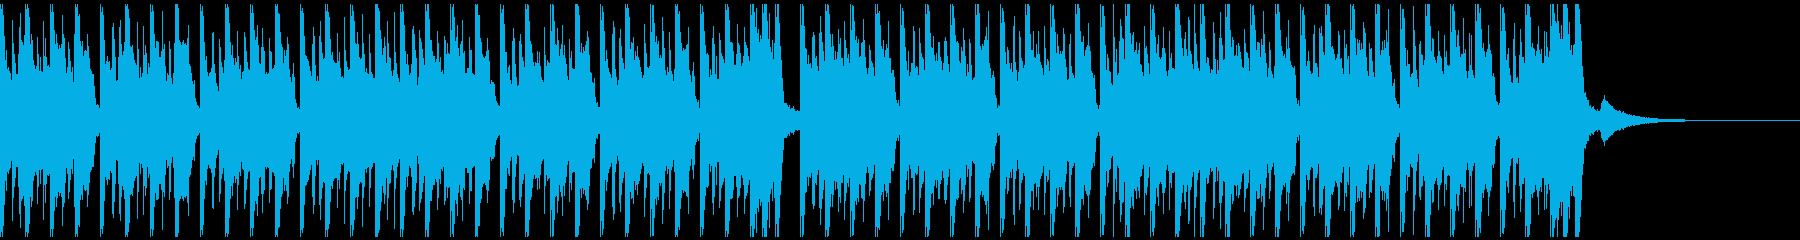 エレクトロスポーツ(40秒)の再生済みの波形